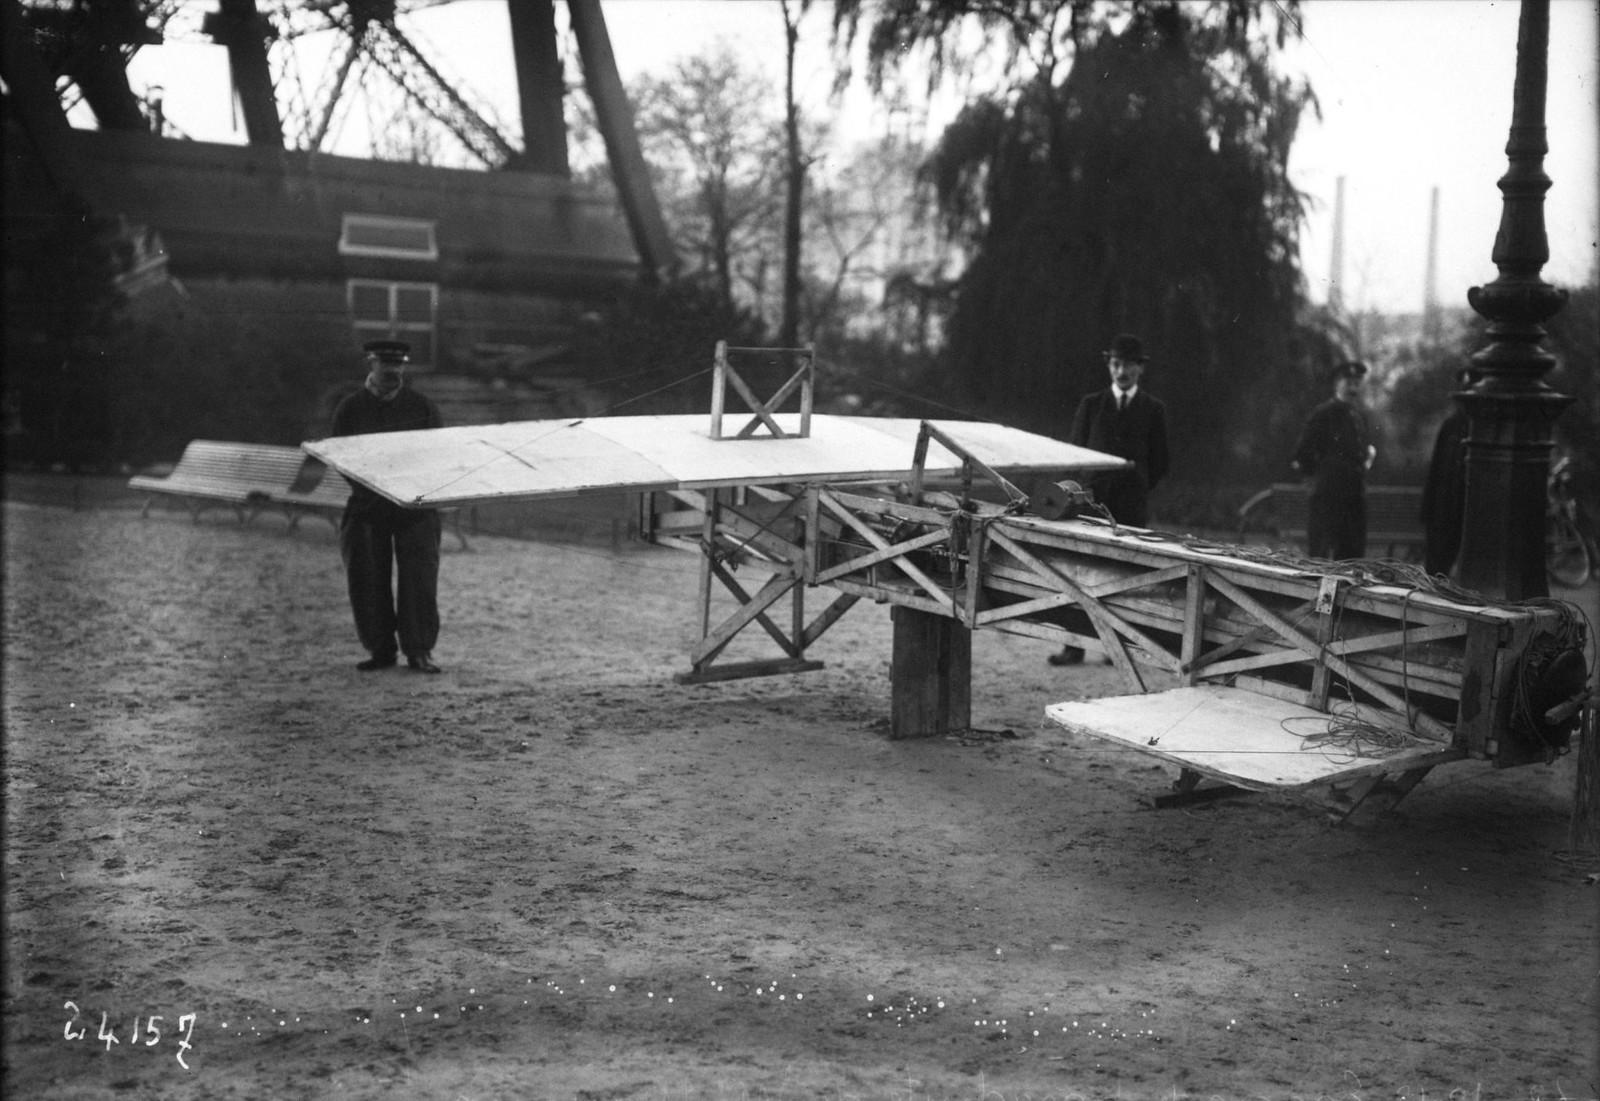 1912. Испытания парашюта М. Майу на Эйфелевой башне. Модель самолета, которая будет прикреплена к парашюту